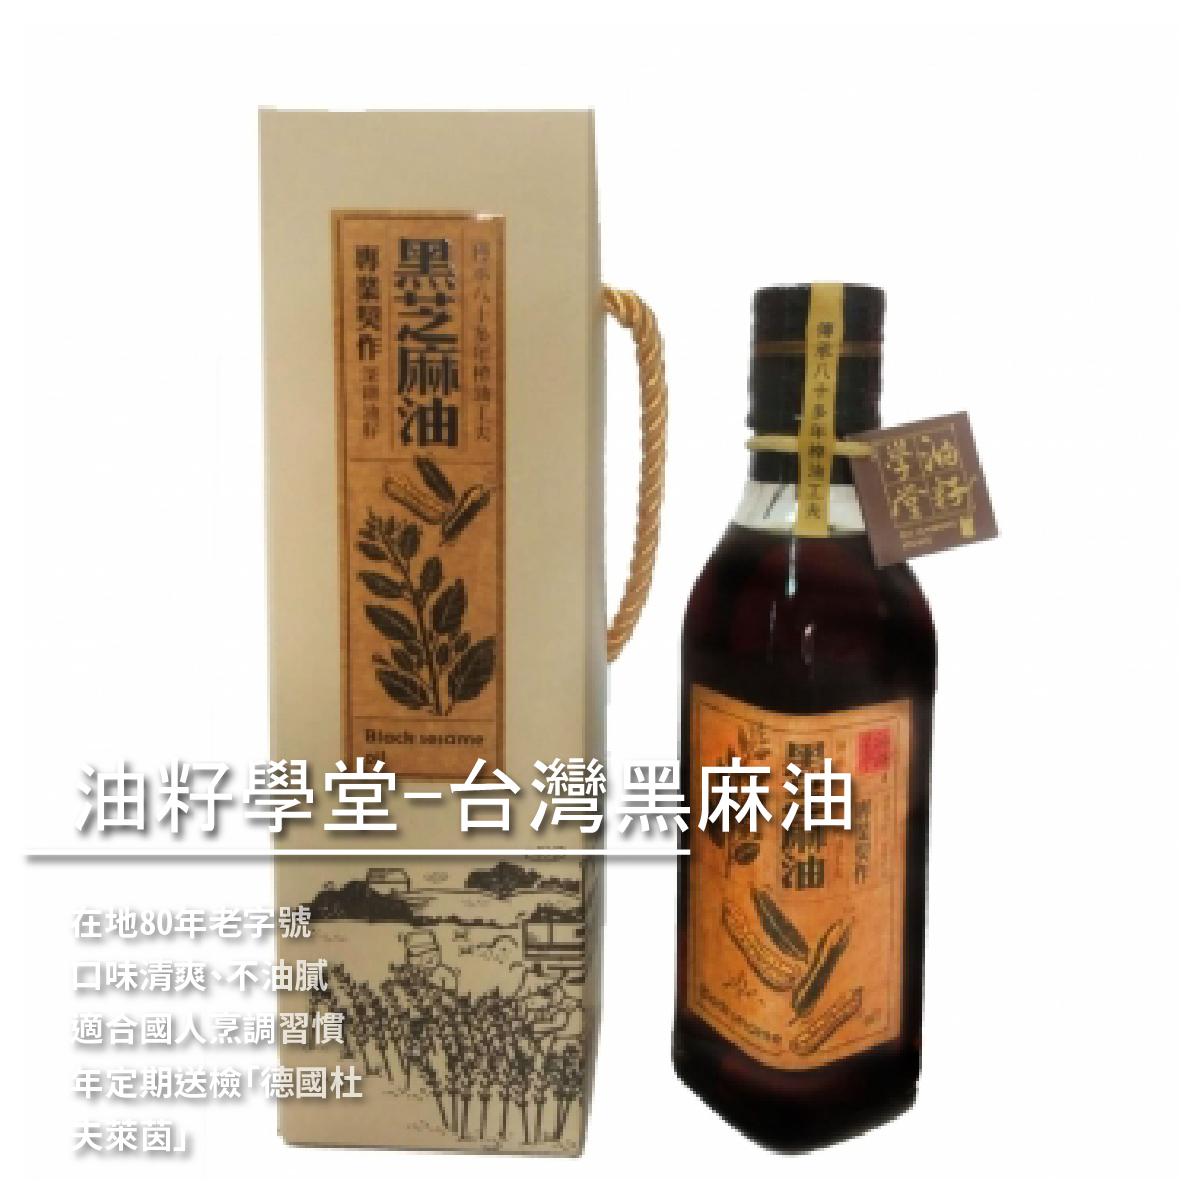 【新建美-主婦油品】油籽學堂-台灣黑麻油200ML